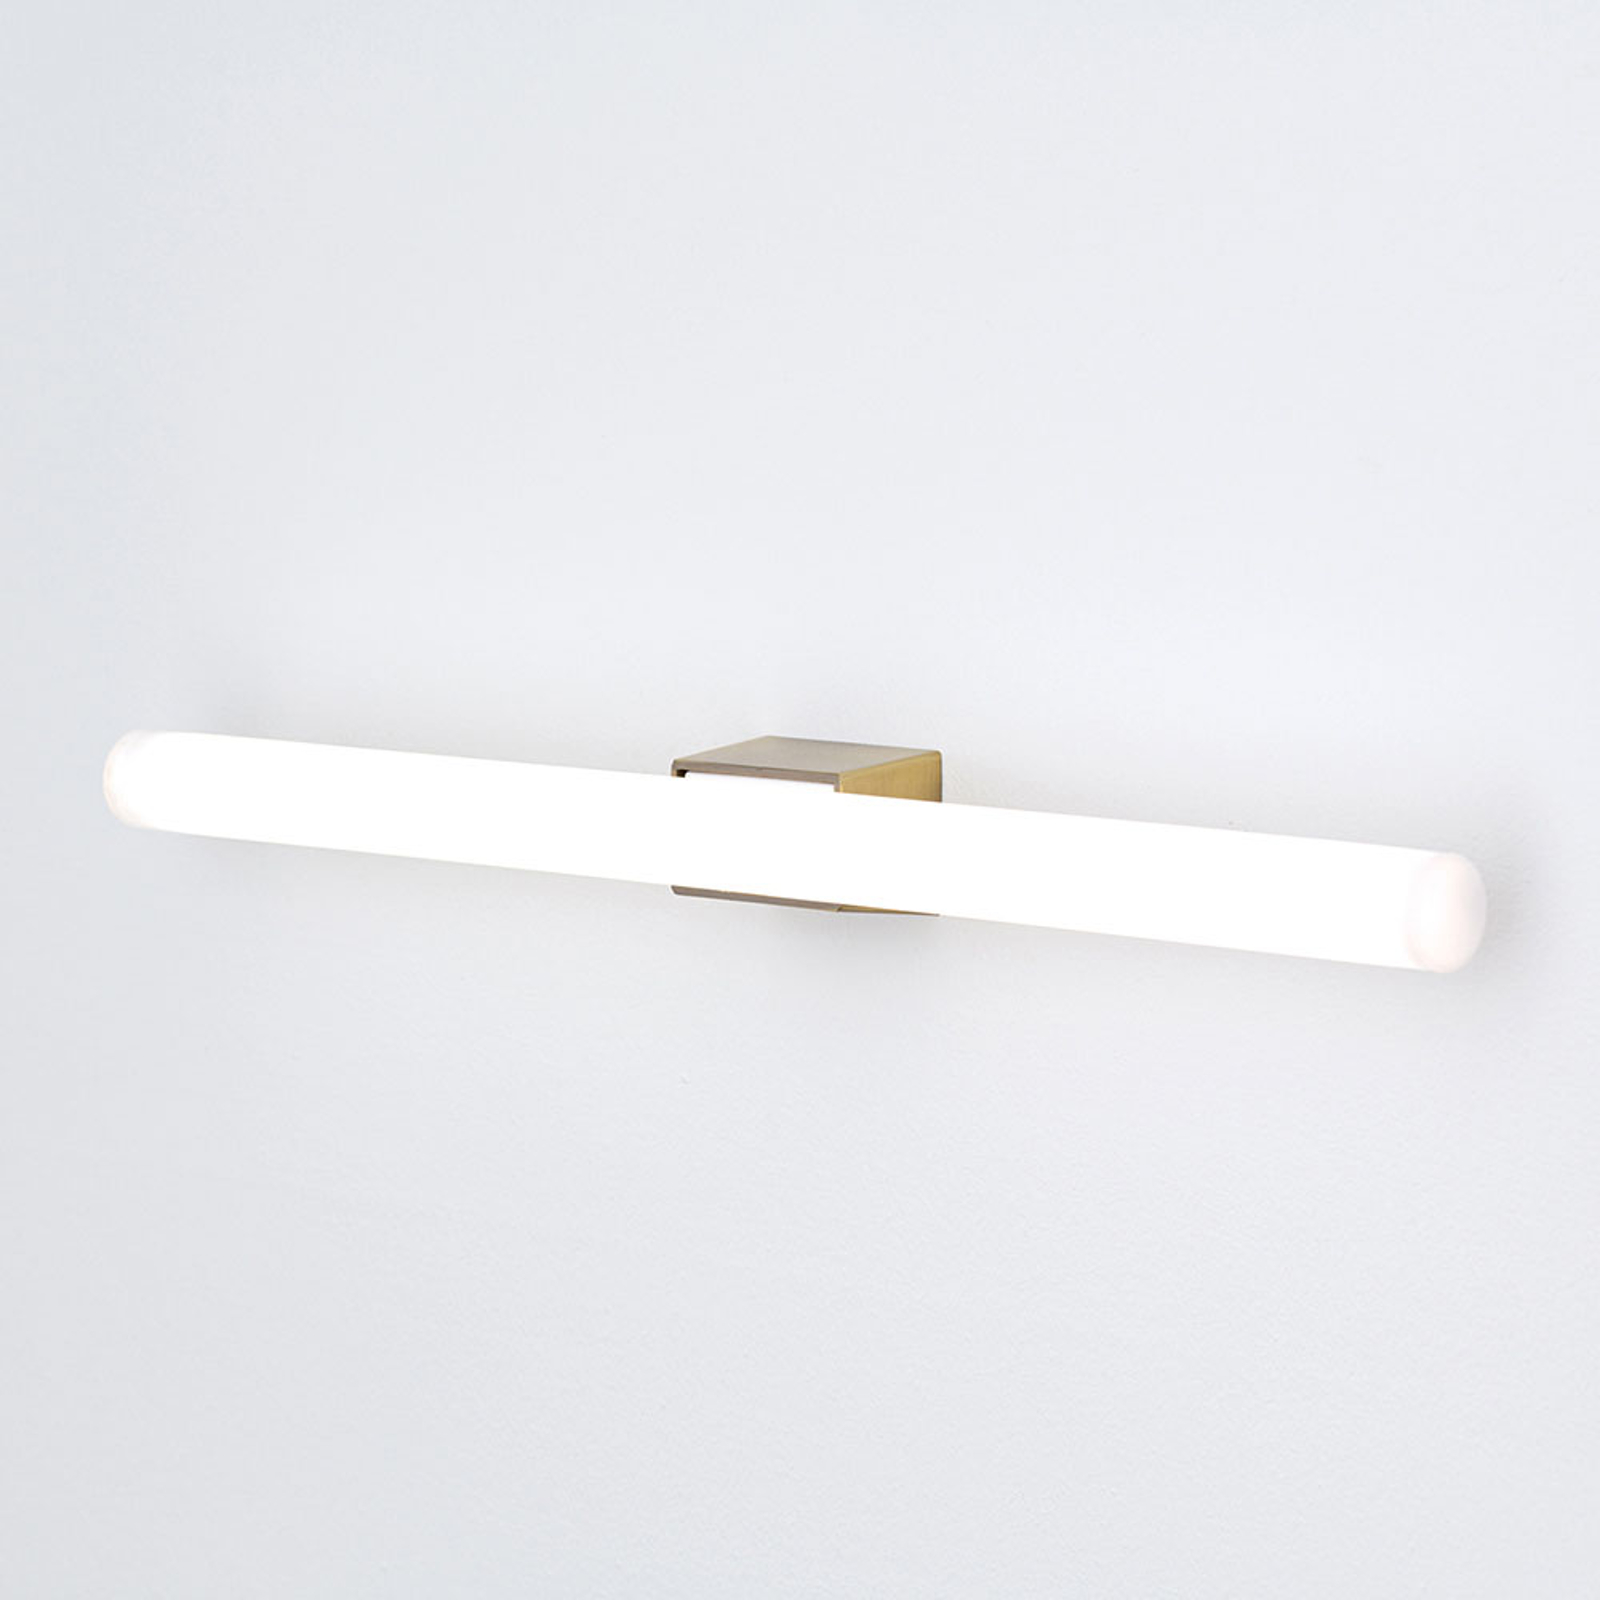 LED-spegellampa Visagist, gammal mässing fäste